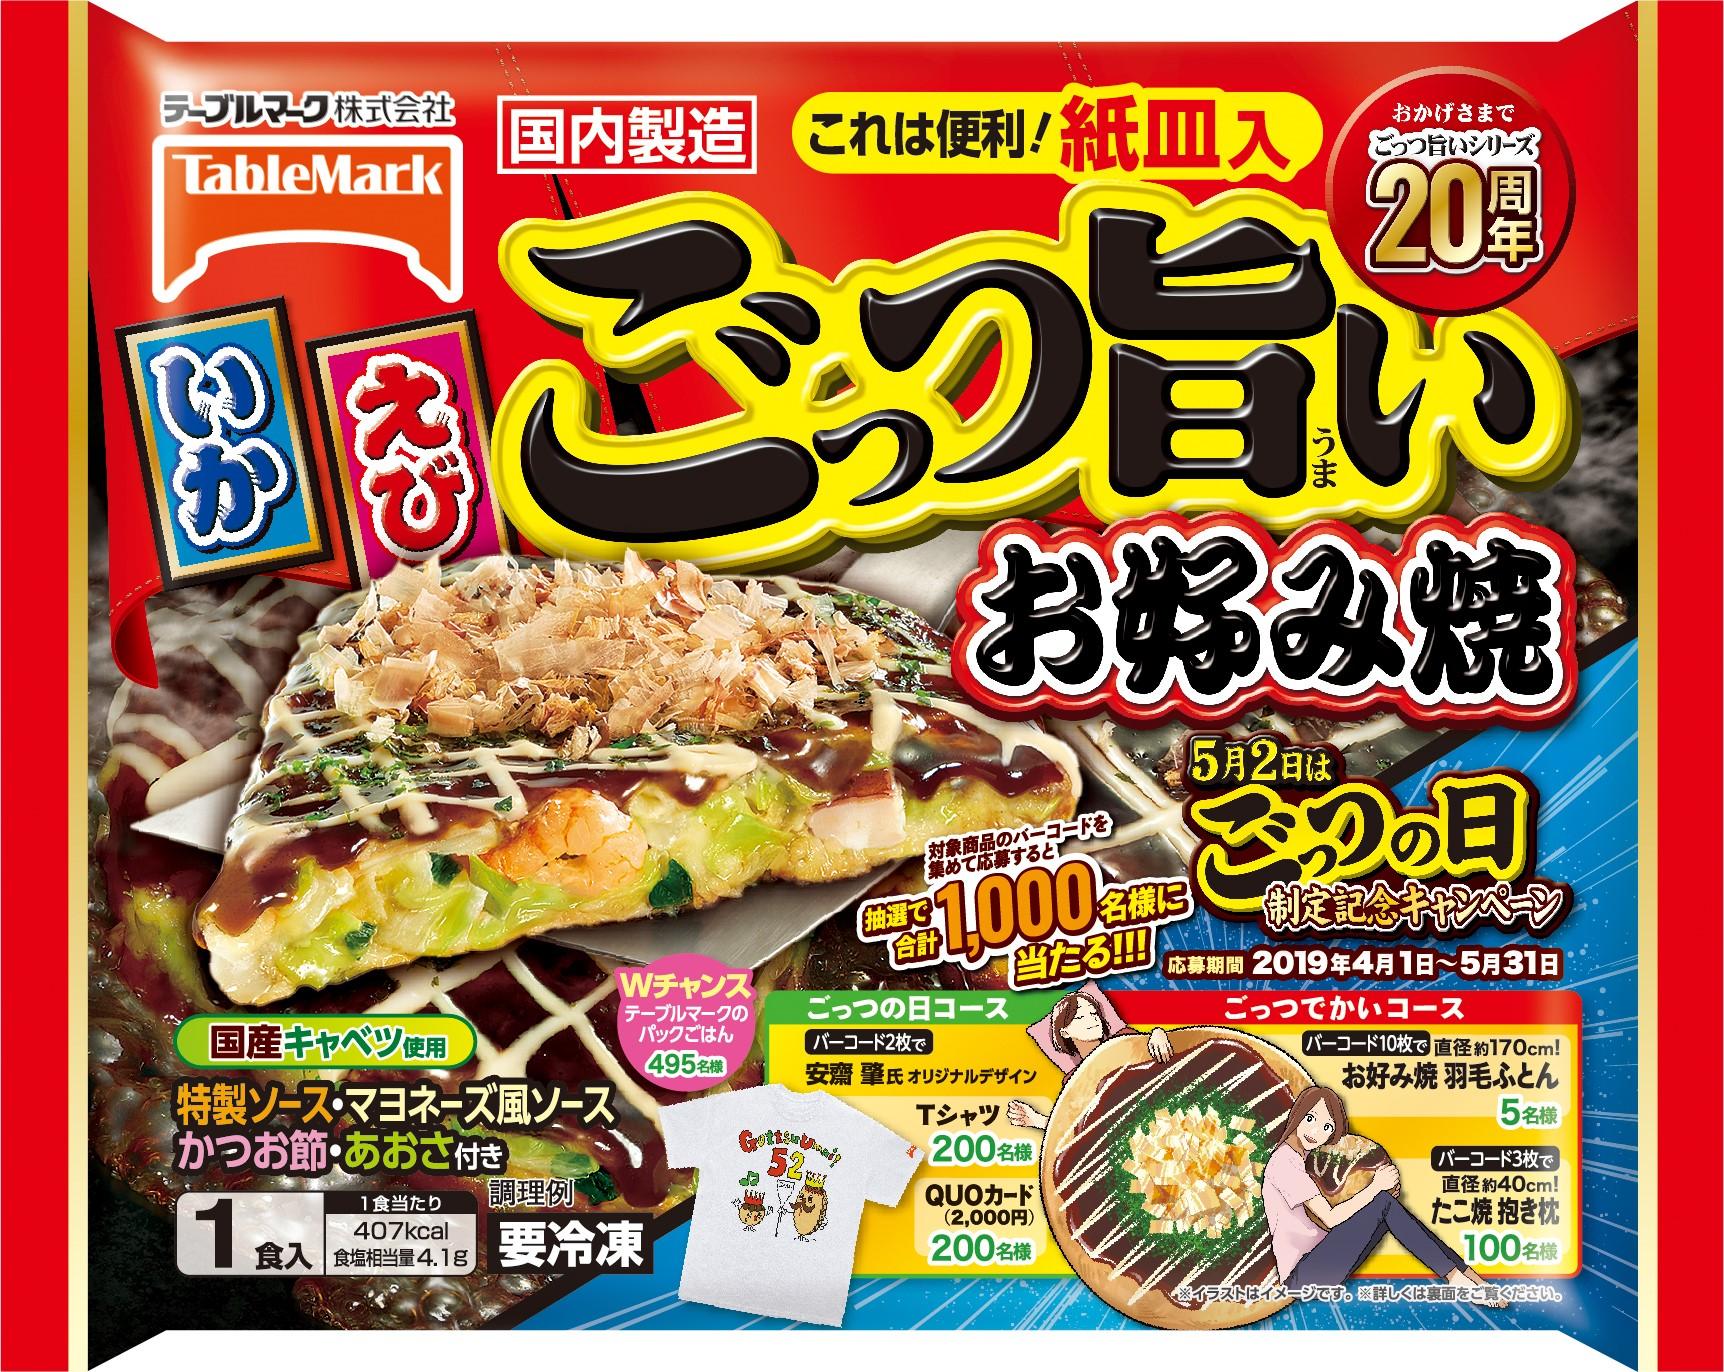 4位「ごっつ旨い お好み焼」(テーブルマーク),国民1万人がガチで投票! 冷凍食品総選挙,テレビ朝日,家men